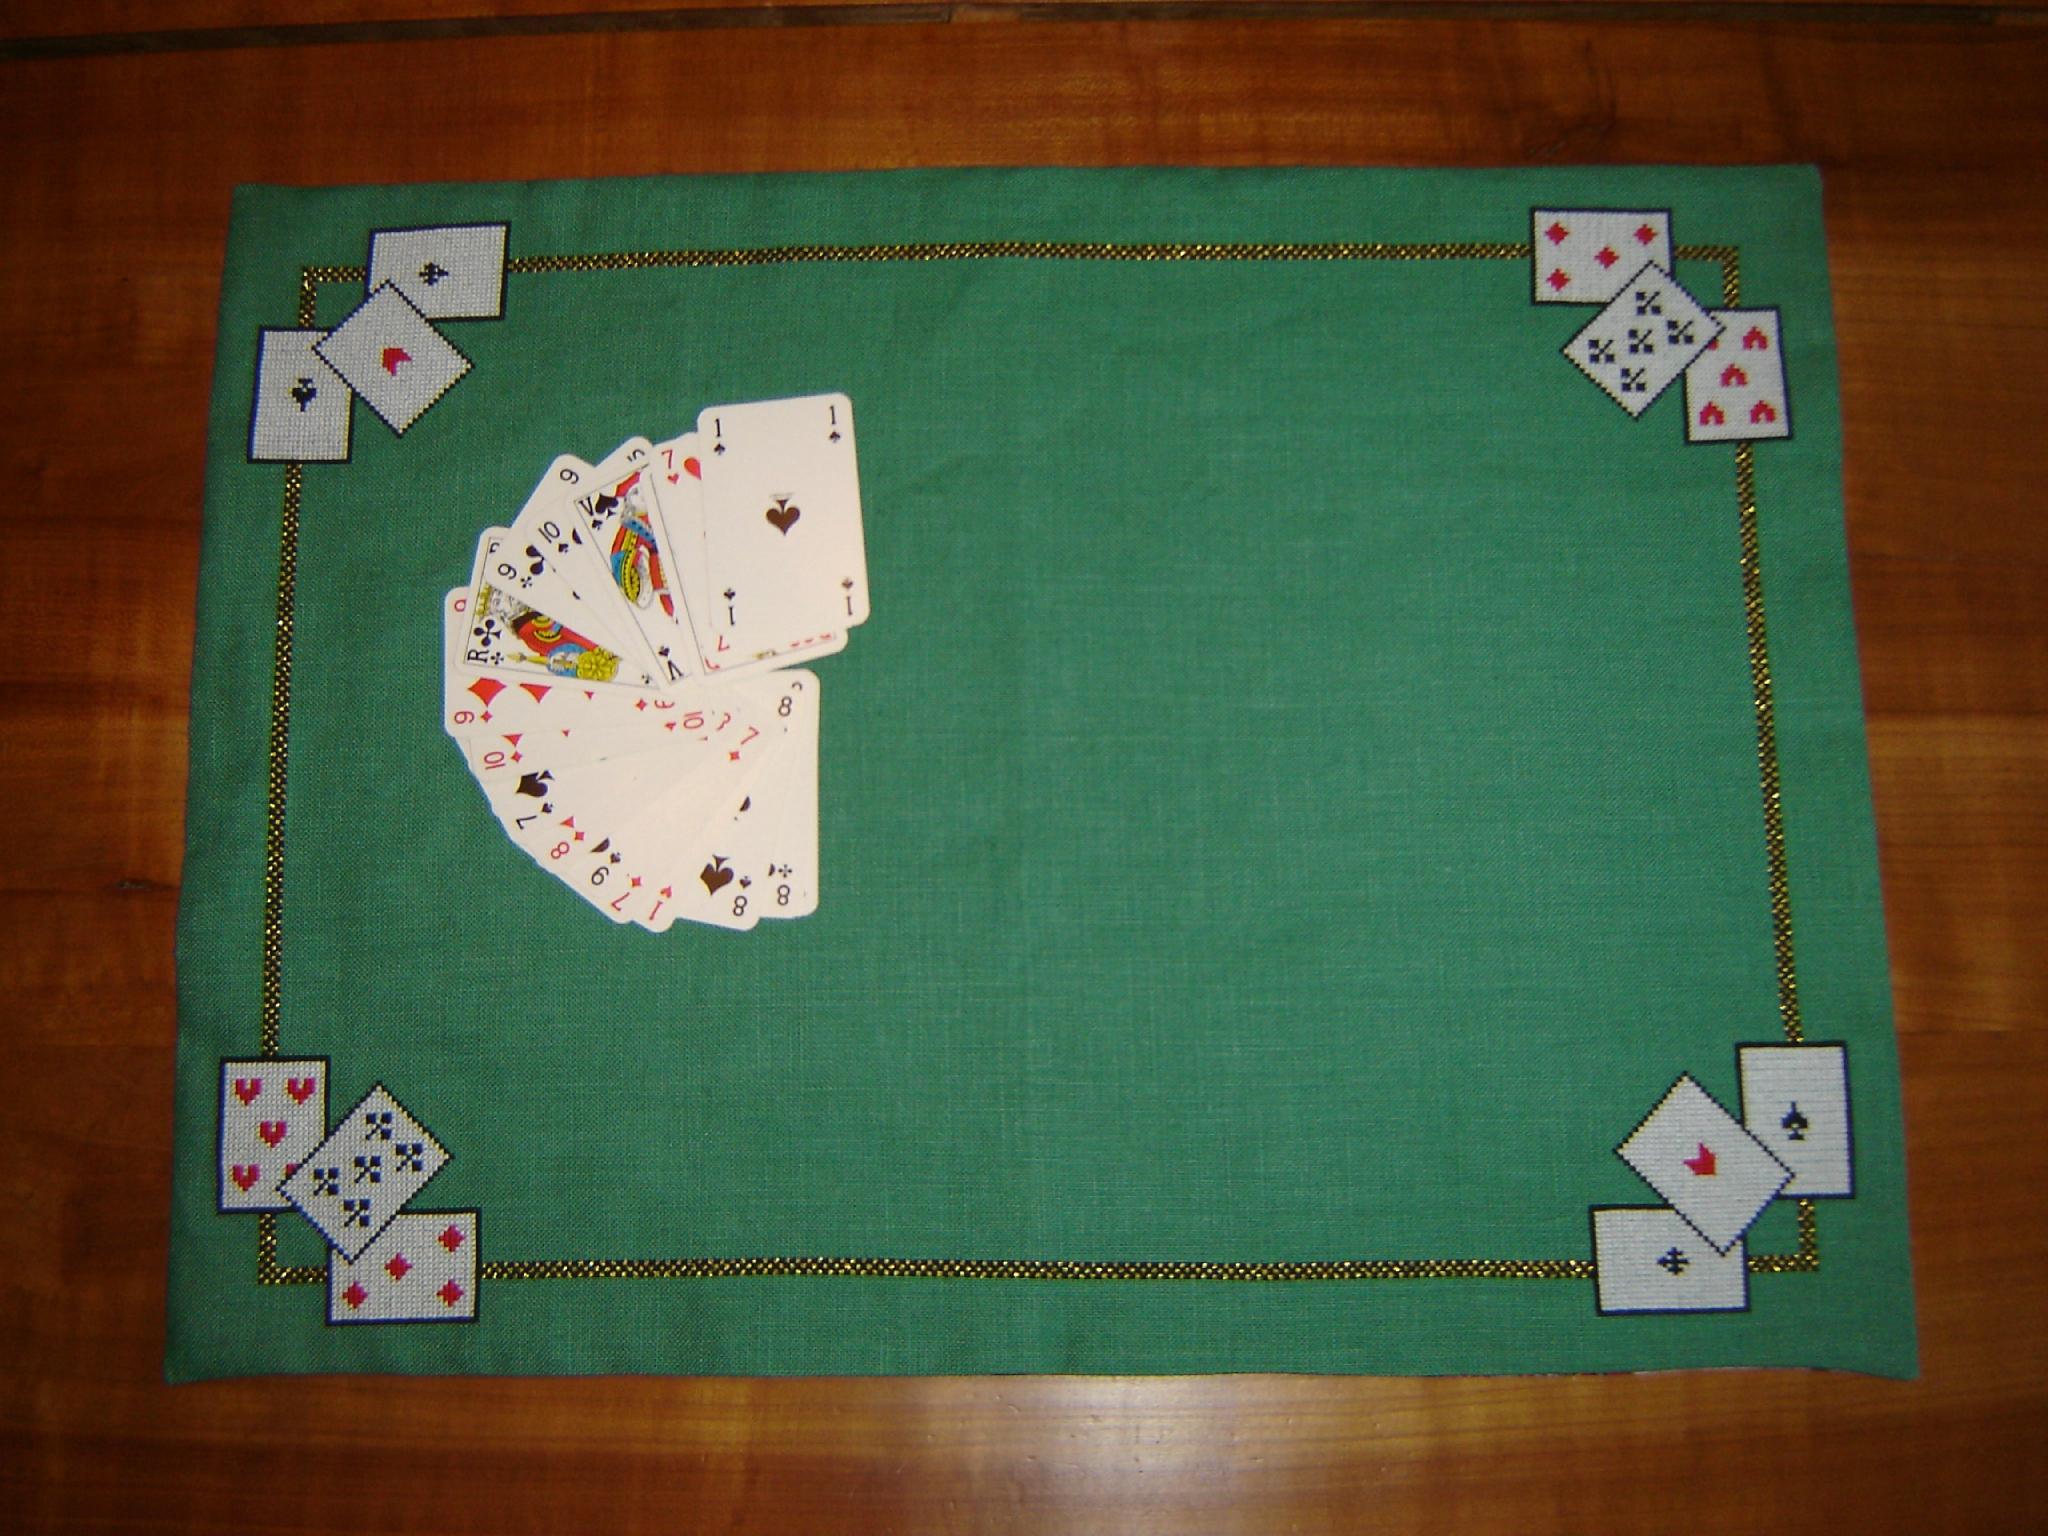 Craps en Ligne | Bonus de € 400 | Casino.com Suisse